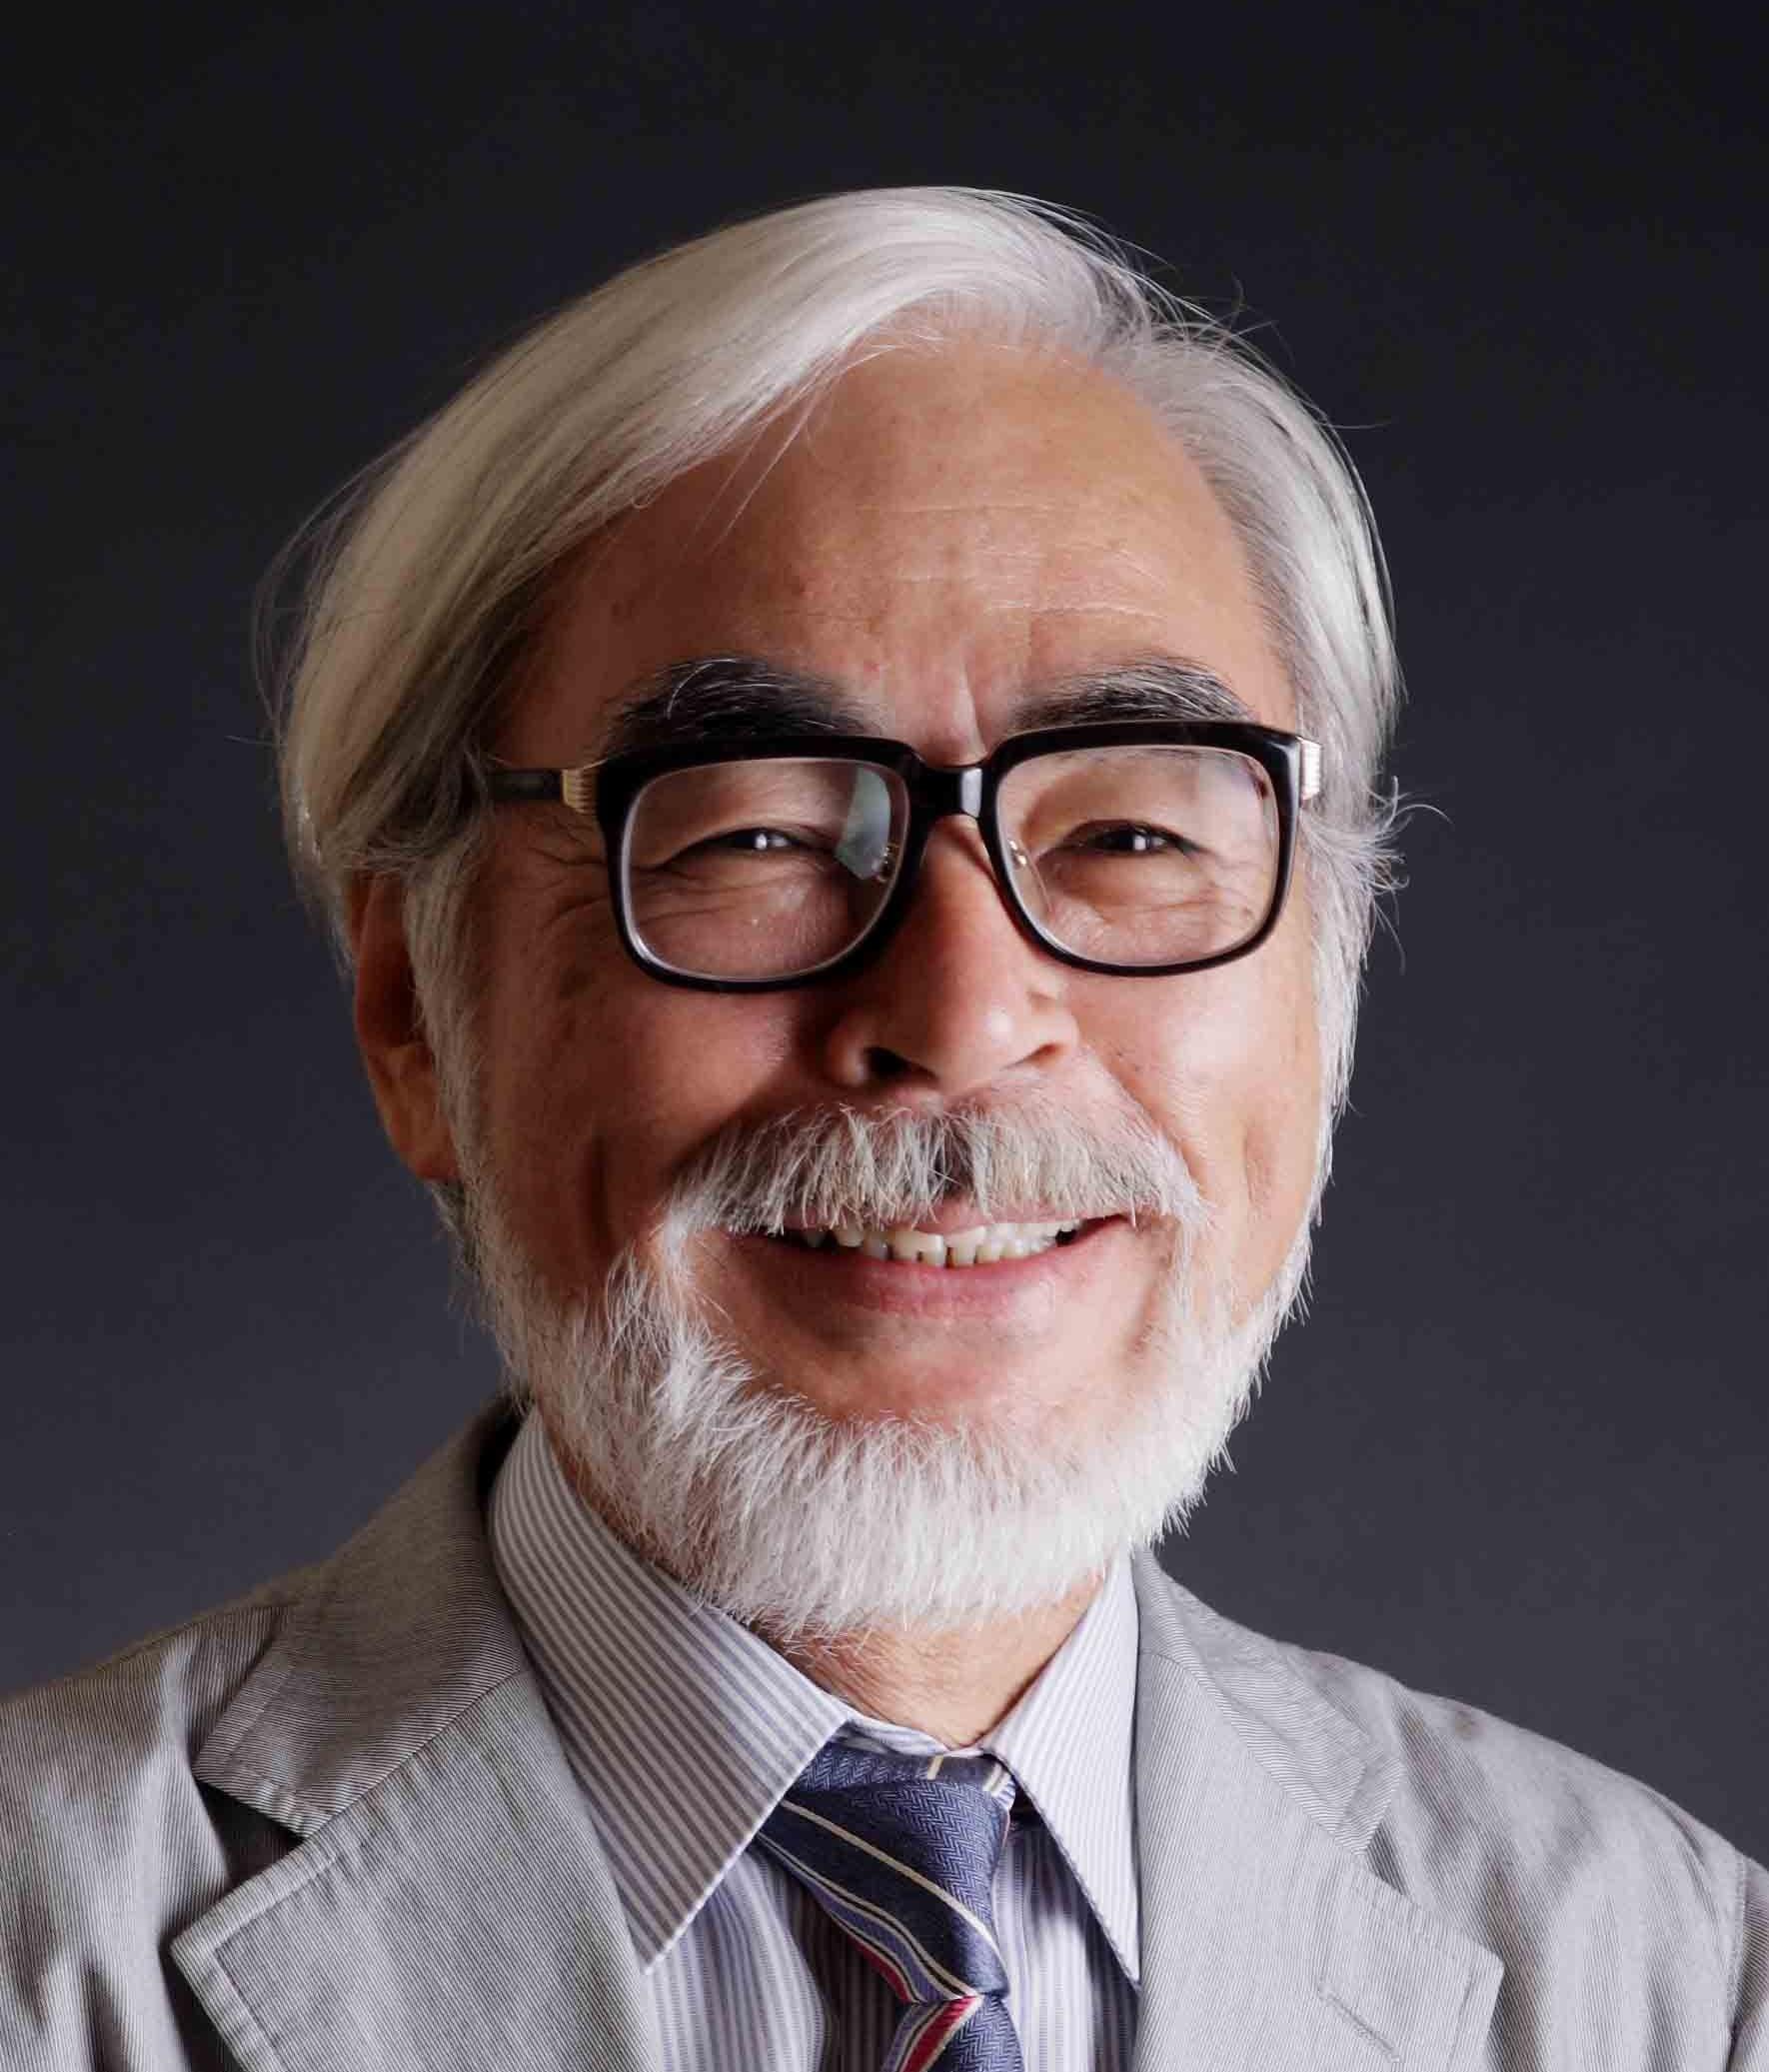 Hayao Miyazaki cropped 3 Hayao Miyazaki 201211.jpg